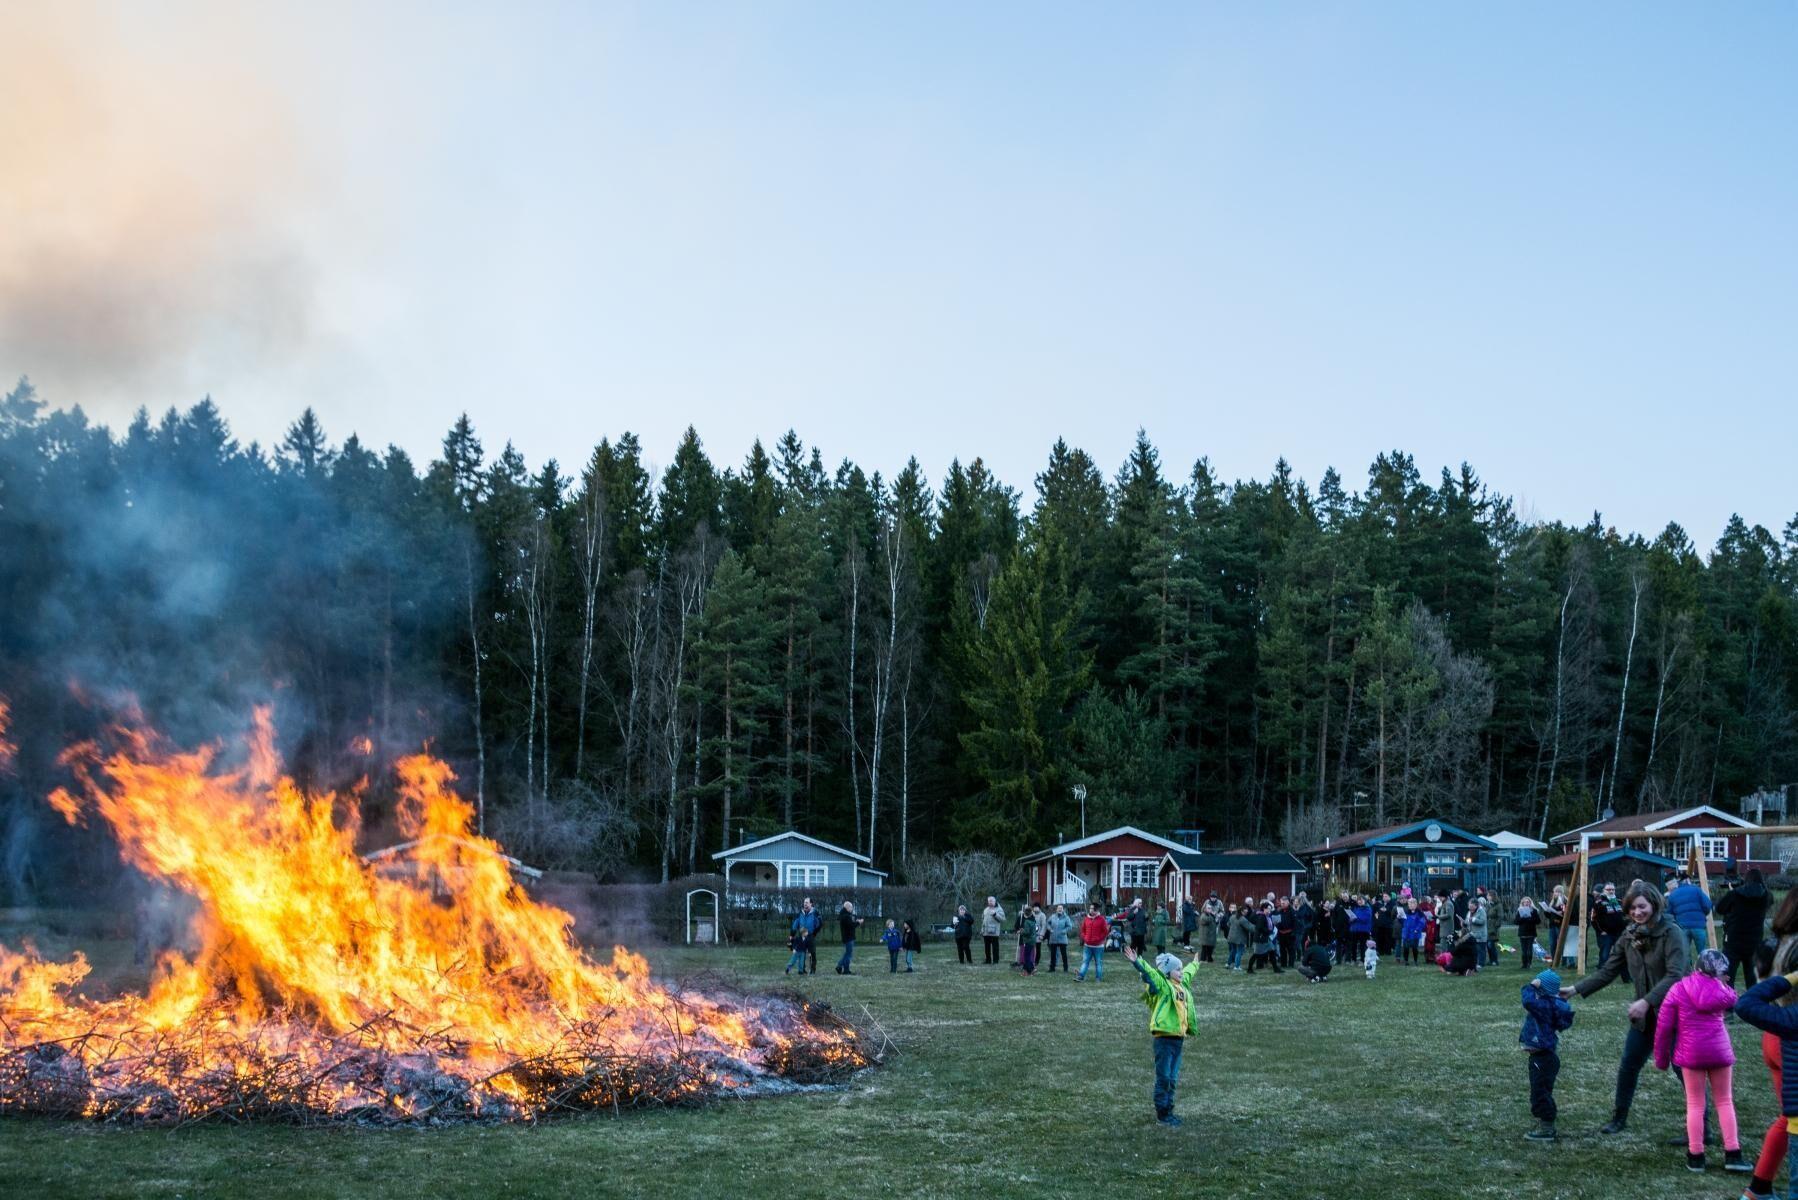 Medeltida kosläpp är en av anledningarna till att vi i dag firar Valborg.